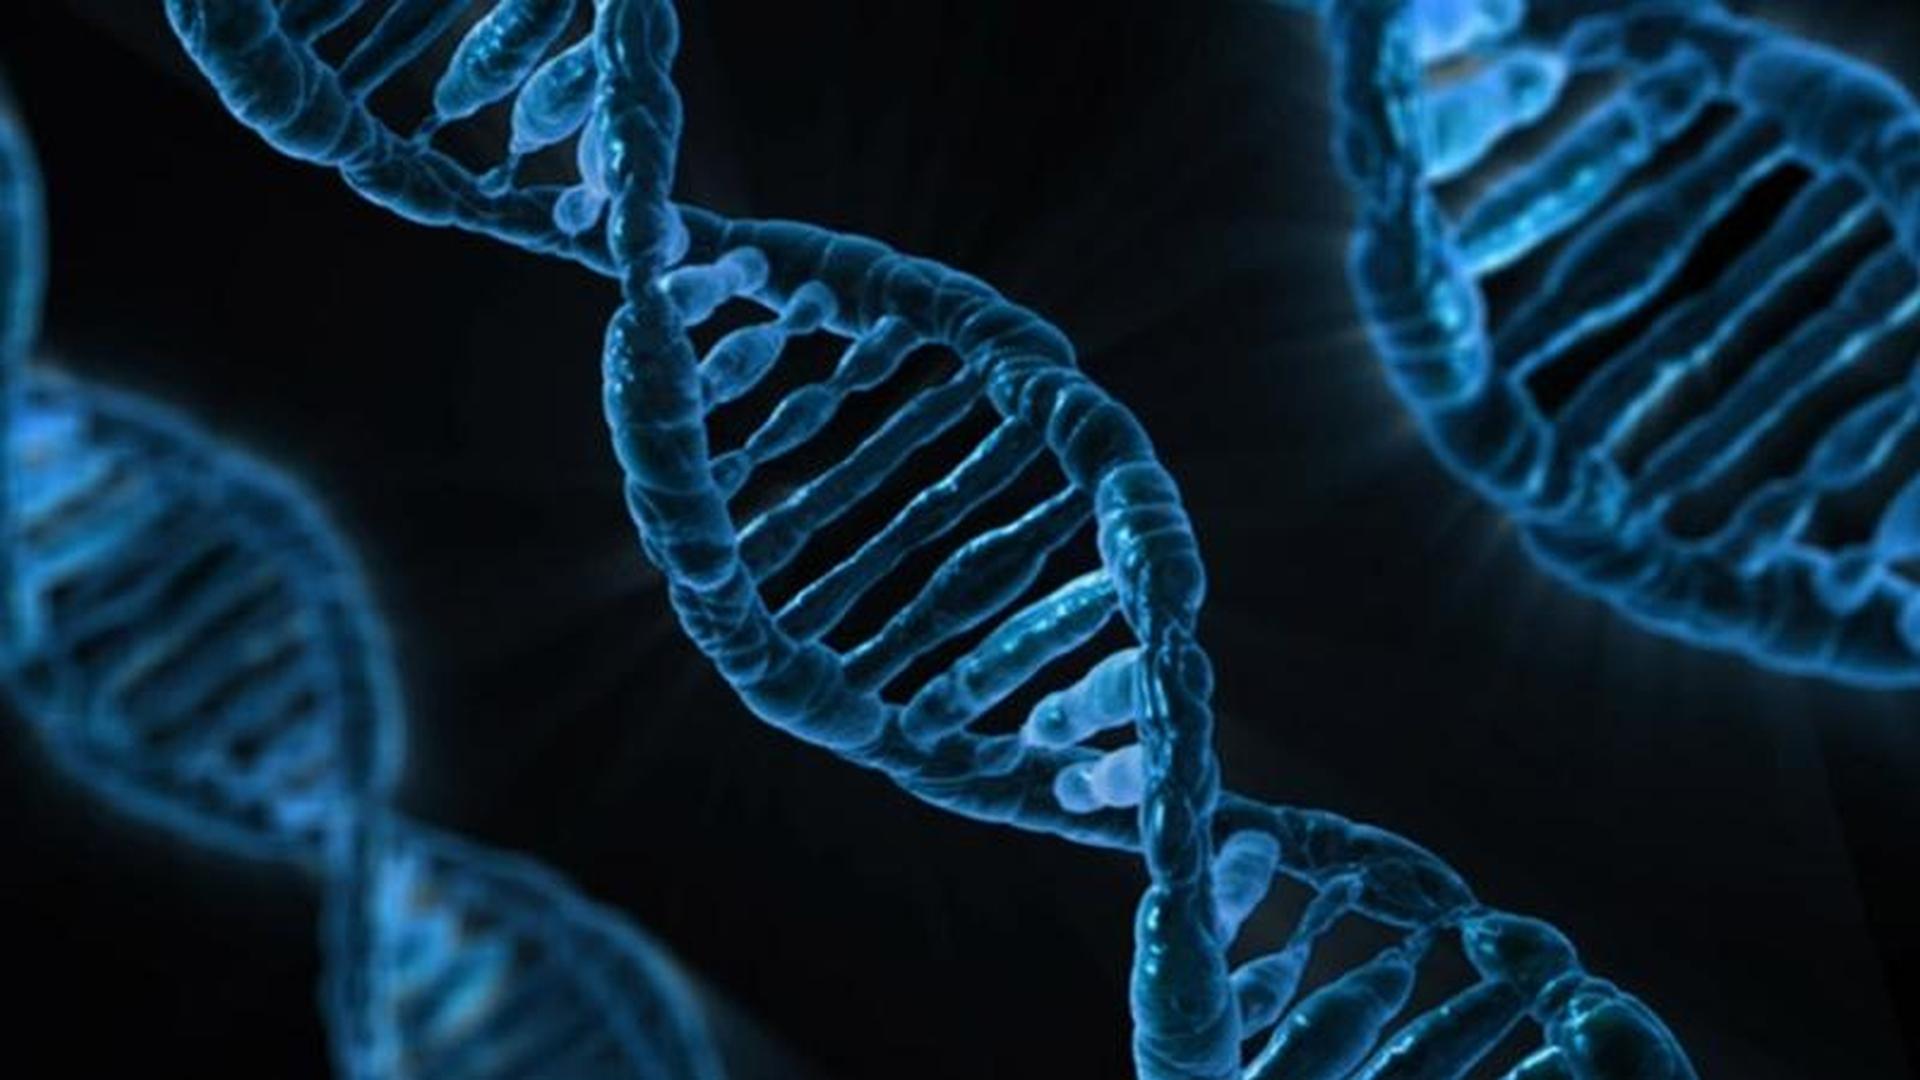 Ziekten bij roofvogels en uilen - DNA besmetting